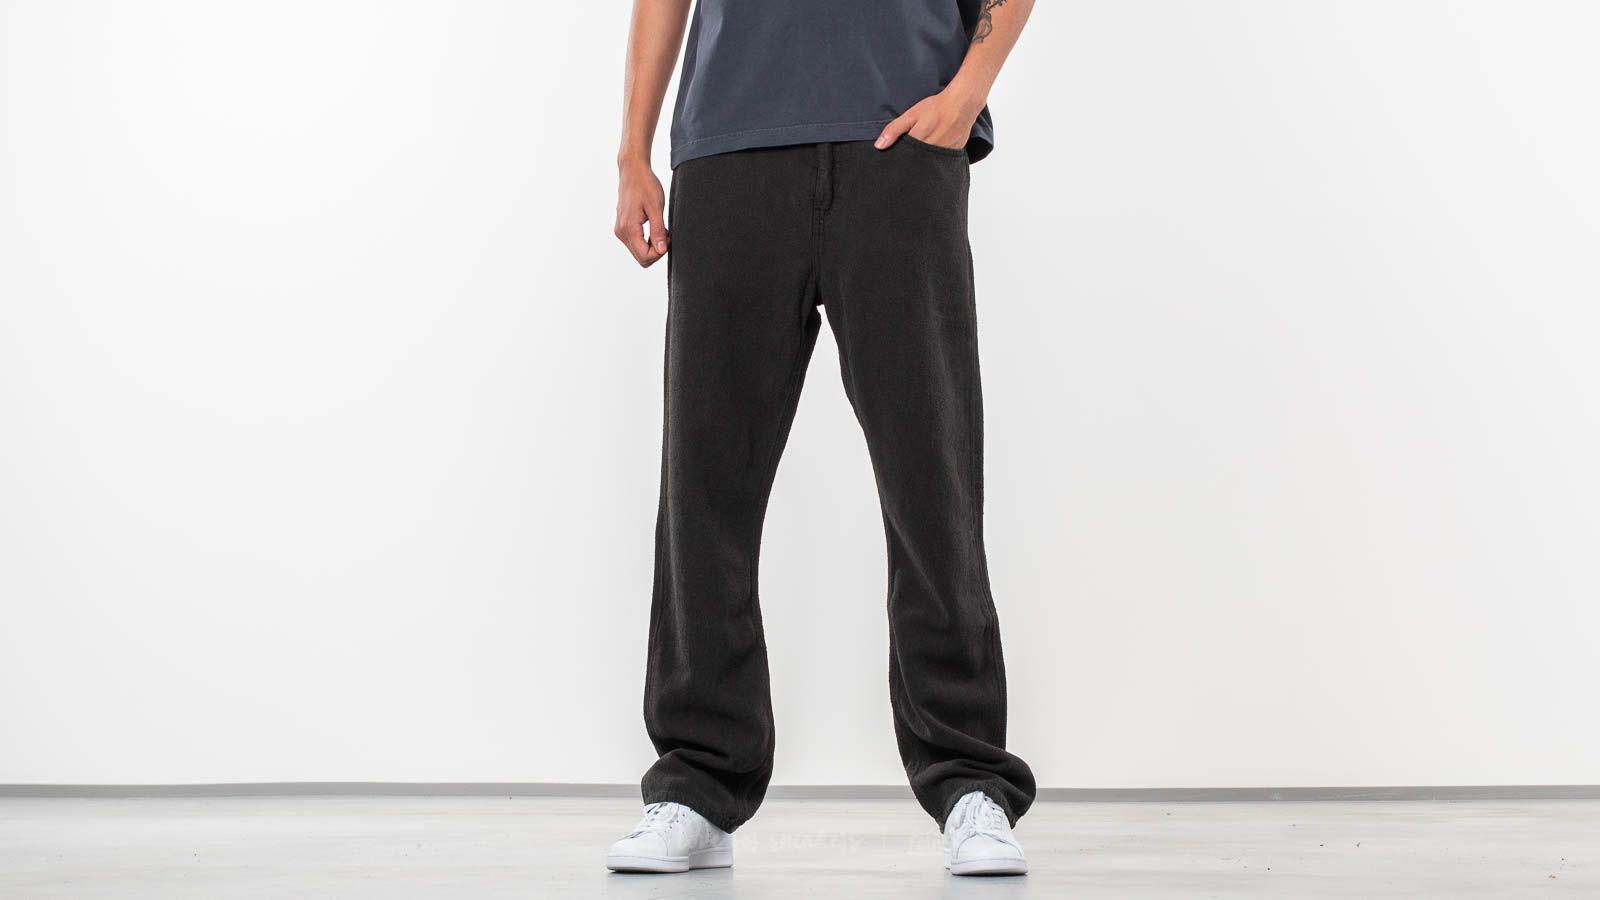 Our Legacy Formal Cut Pants Mudd Black/ Heavy Noil za skvělou cenu 3 530 Kč koupíte na Footshop.cz